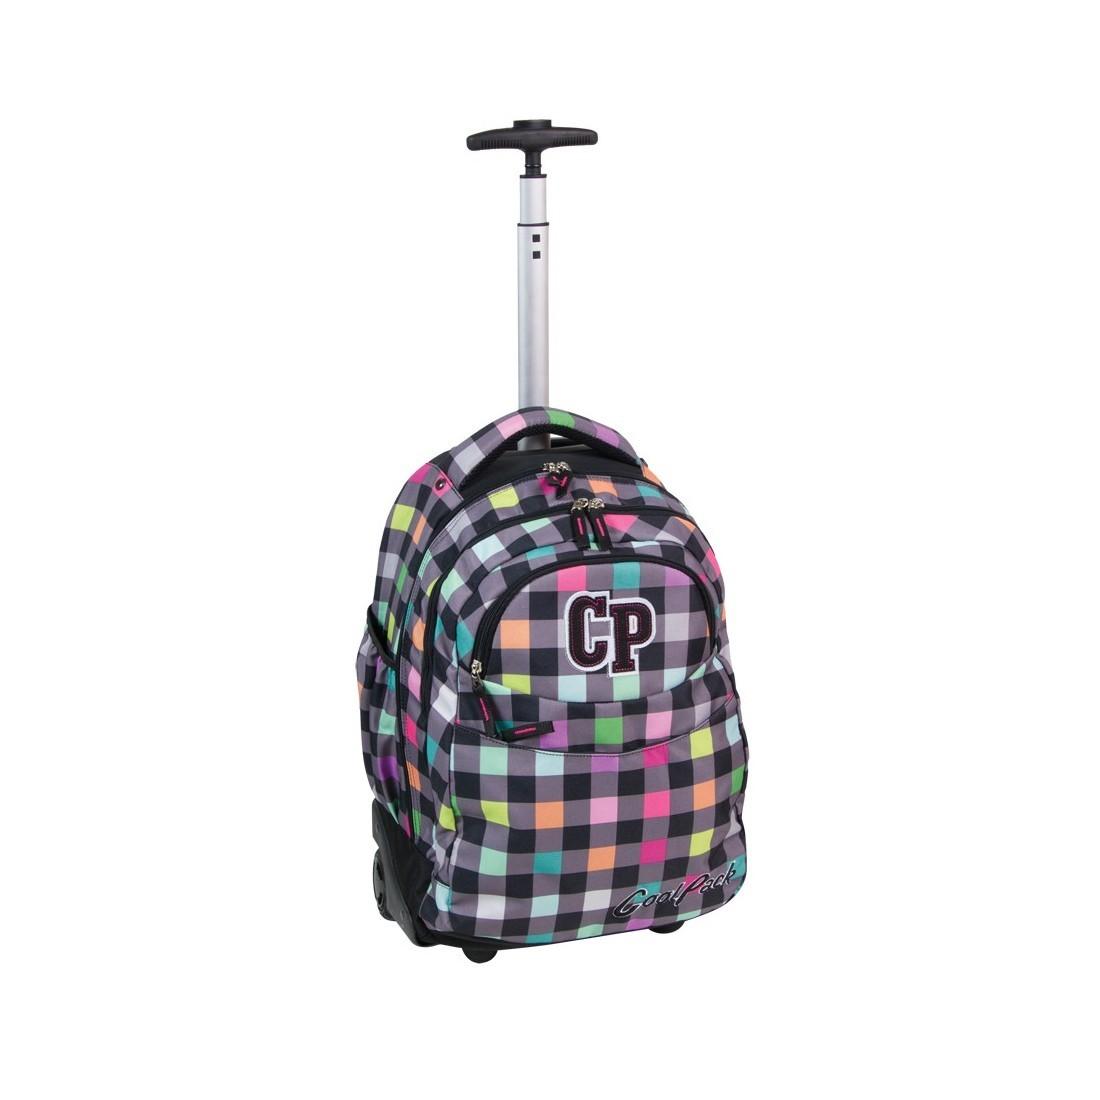 Plecak CoolPack na kółkach Patio - CP 132